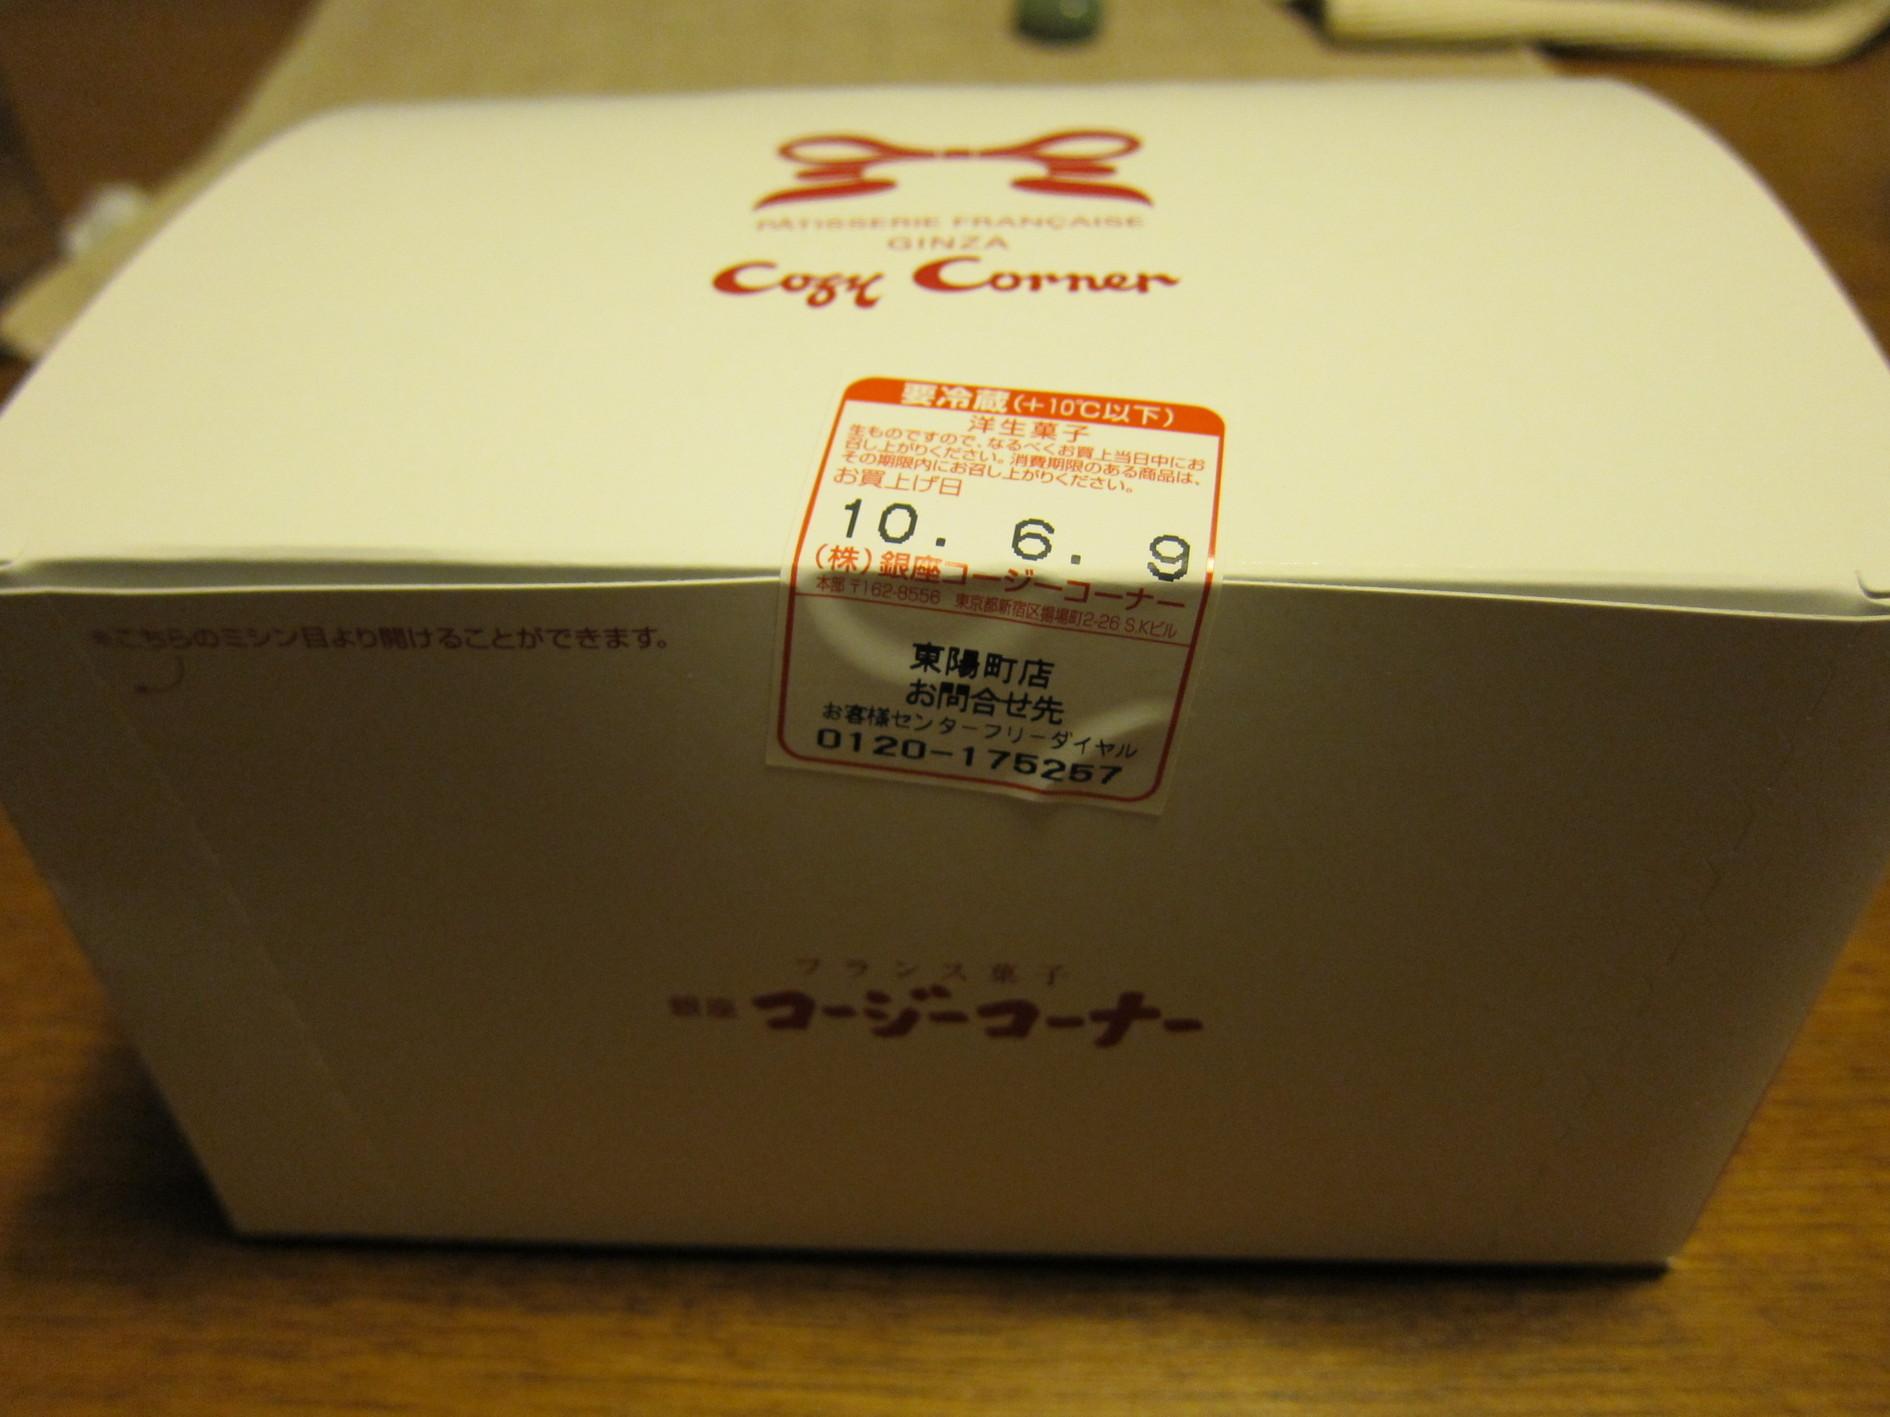 銀座コージーコーナー 東陽町店